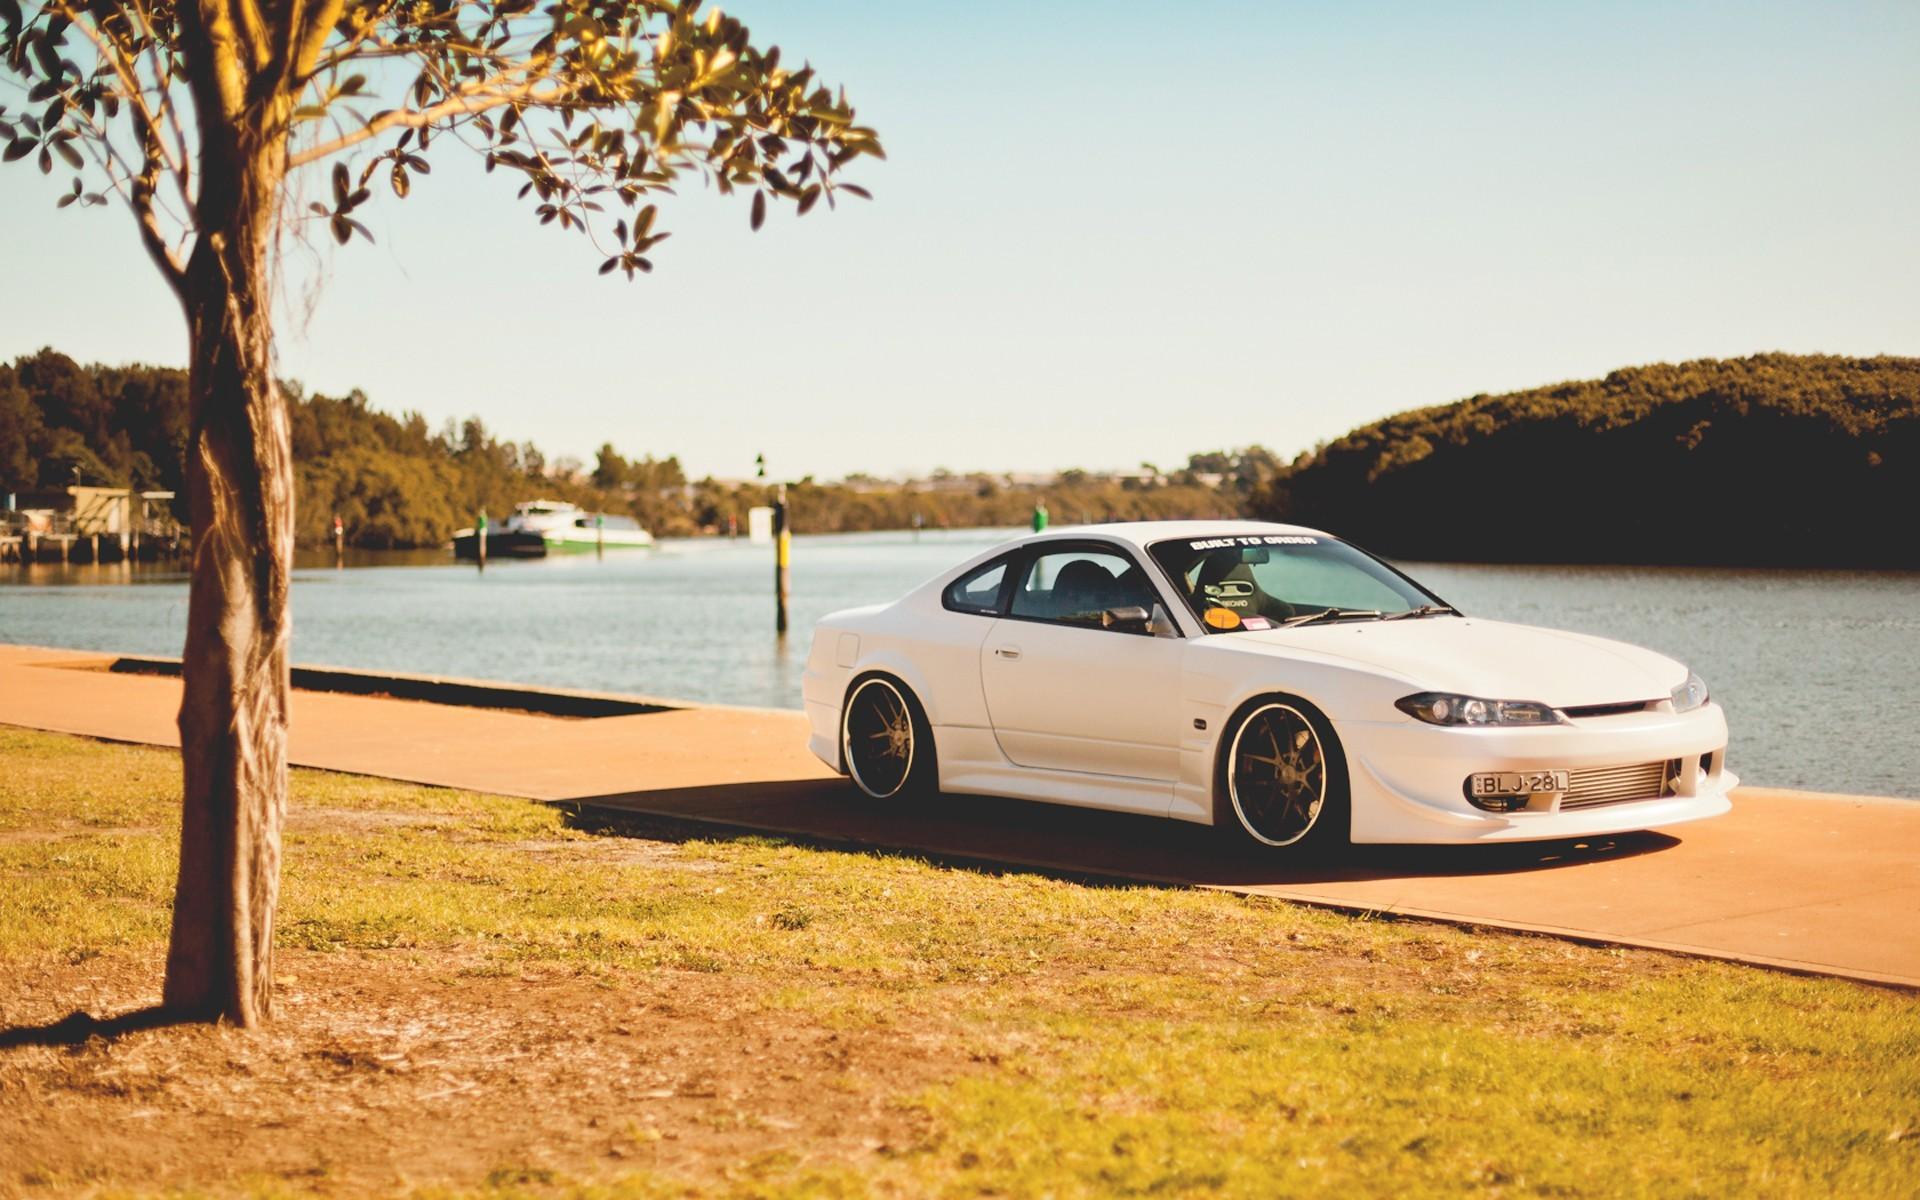 Cars Tuning Nissan Silvia S15 Wallpaper Nissan Silvia S15